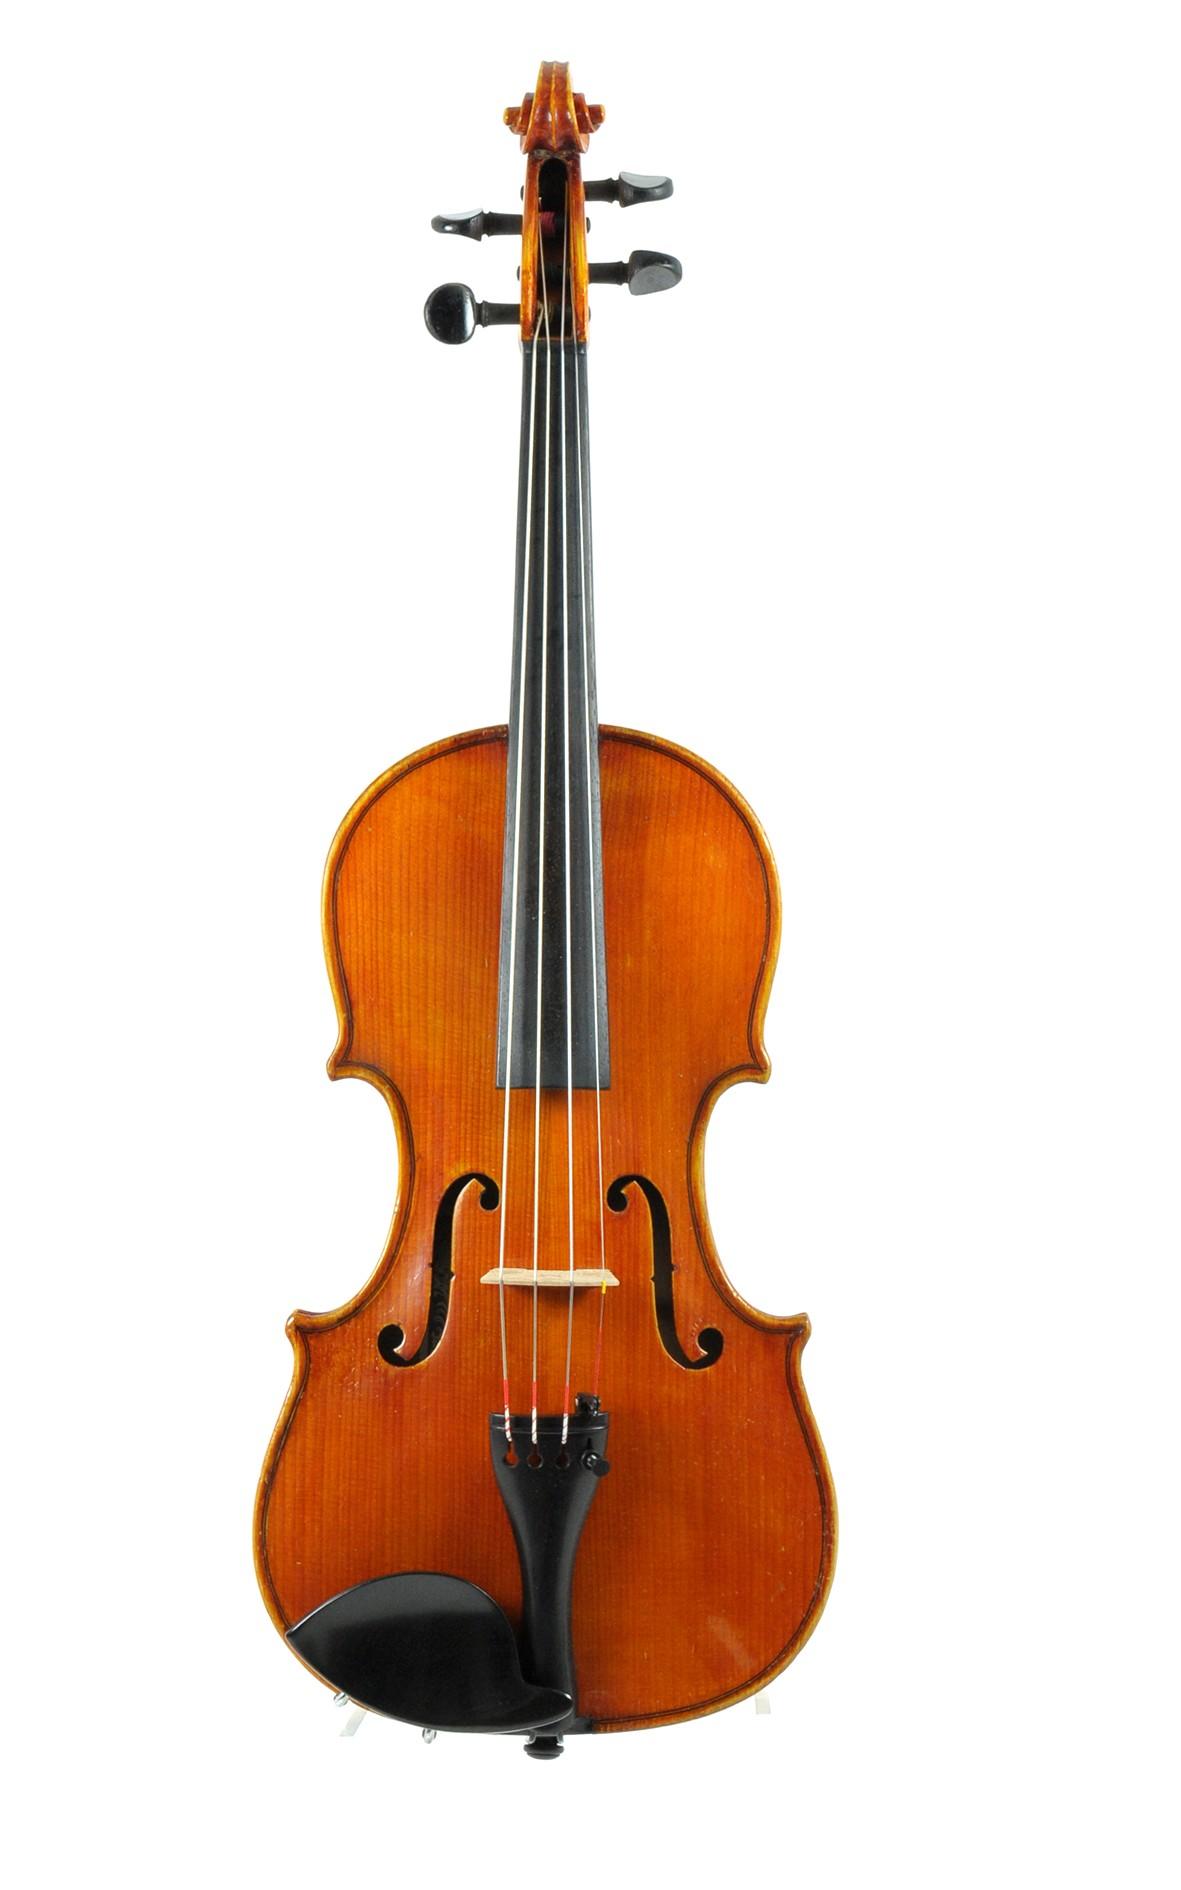 1/2 violin by Johann Keller, Vogtland - top